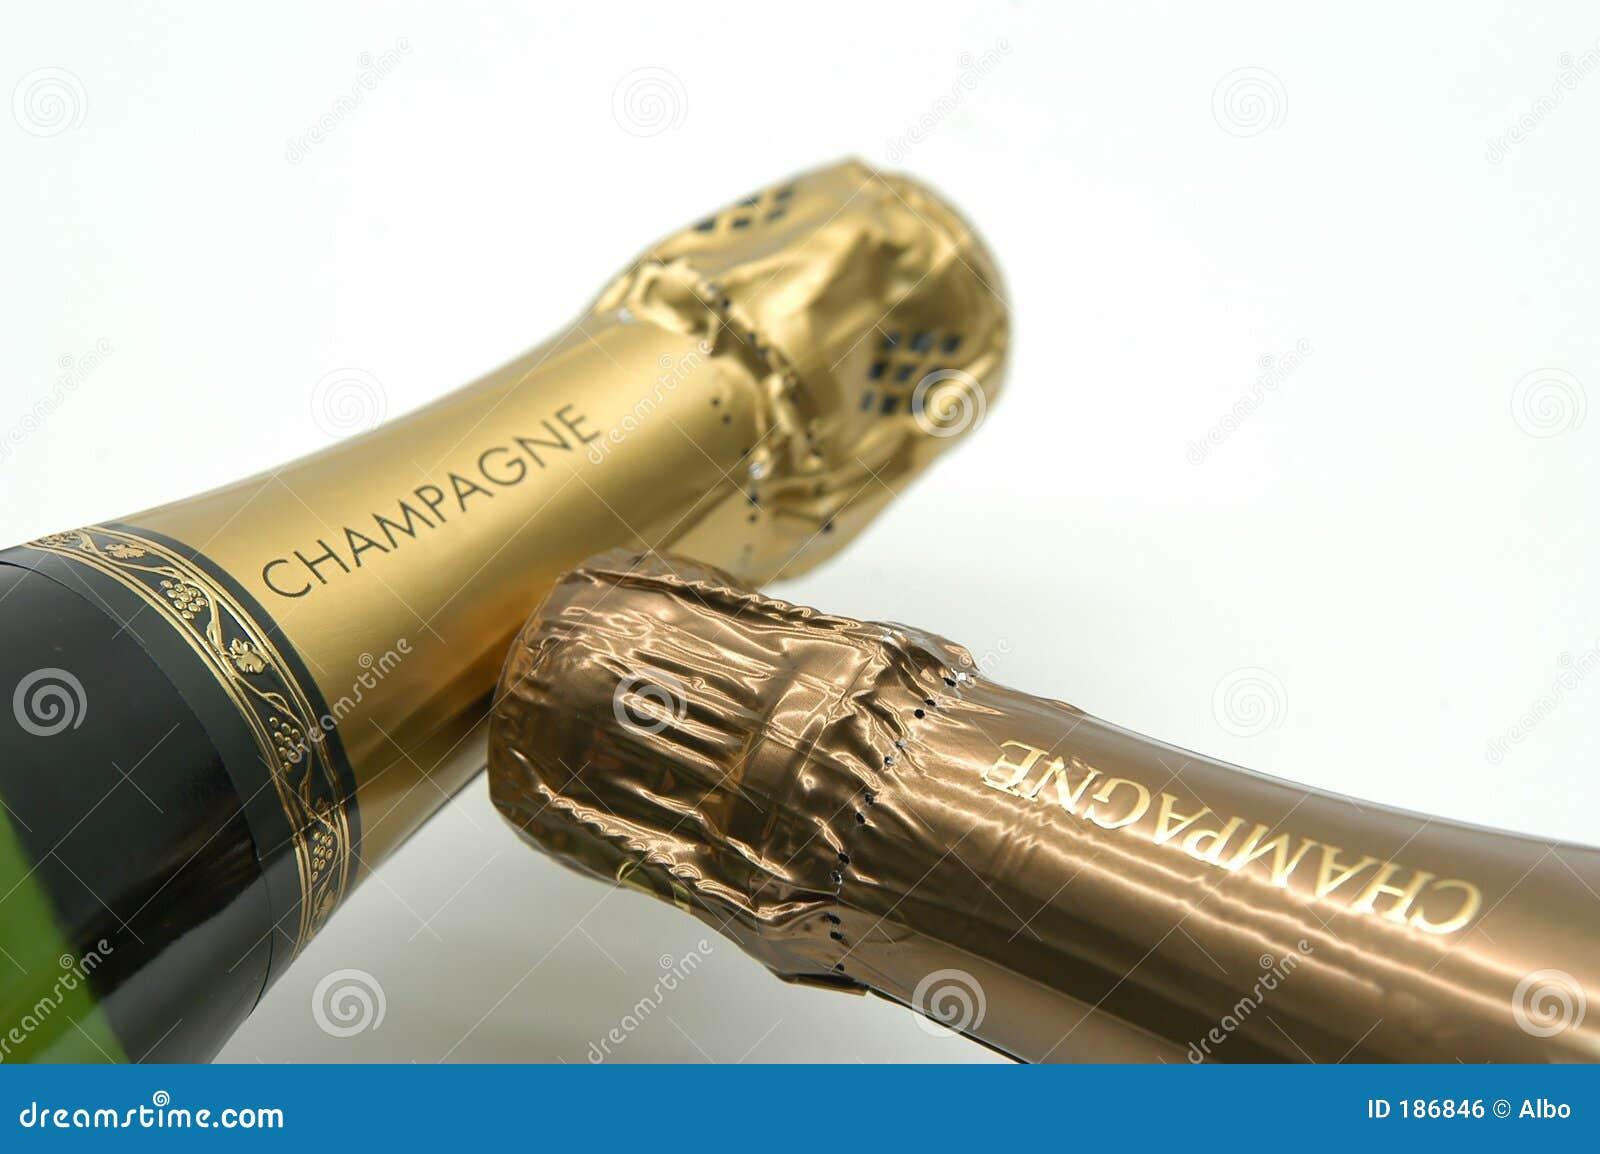 Champagne contre Champagne